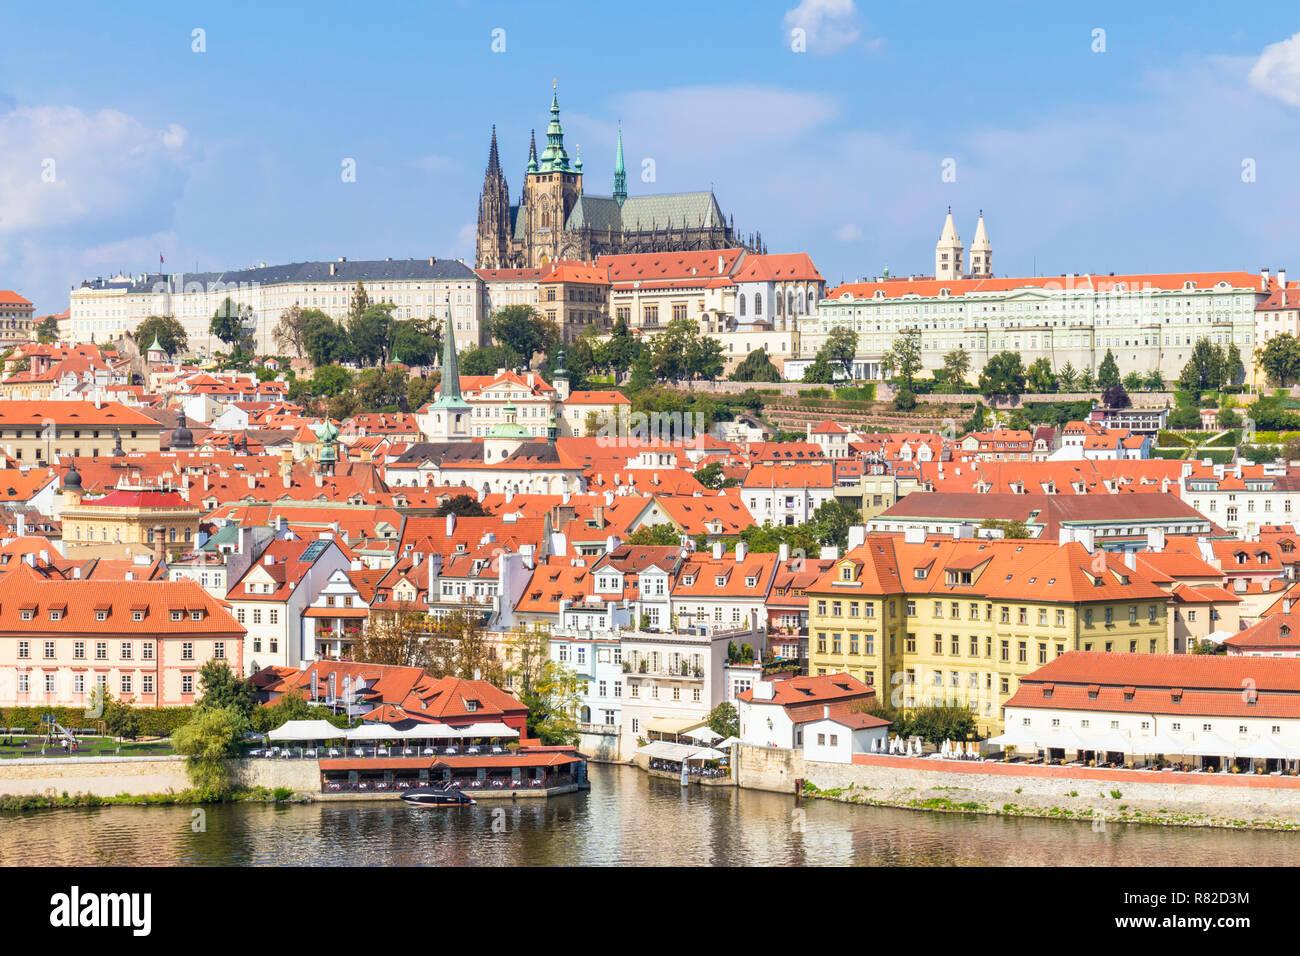 Praga República Checa Praga El castillo de Praga con la catedral de San Vito y el barrio de Mala Strana, Praga República Checa Europa Foto de stock